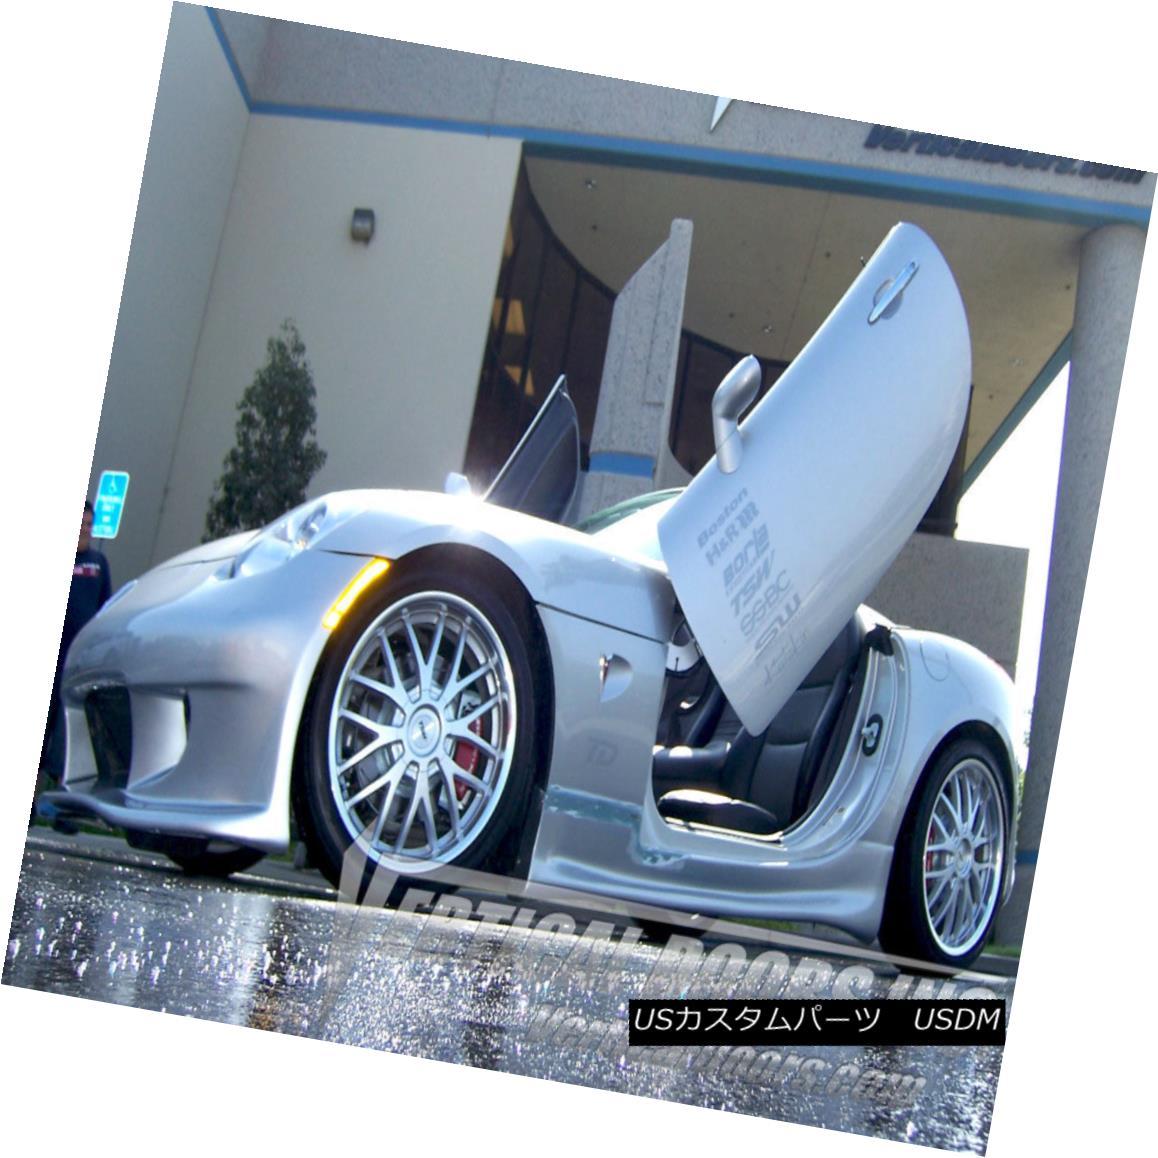 ガルウィングキット Pontiac Solstice 2006-2010 Lambo Doors Conversion BY kit Vertical Doors, Inc OBO ポンティアックソルチス2006-2010ランボードアのコンビネーションキットby Vertical Doors、Inc OBO